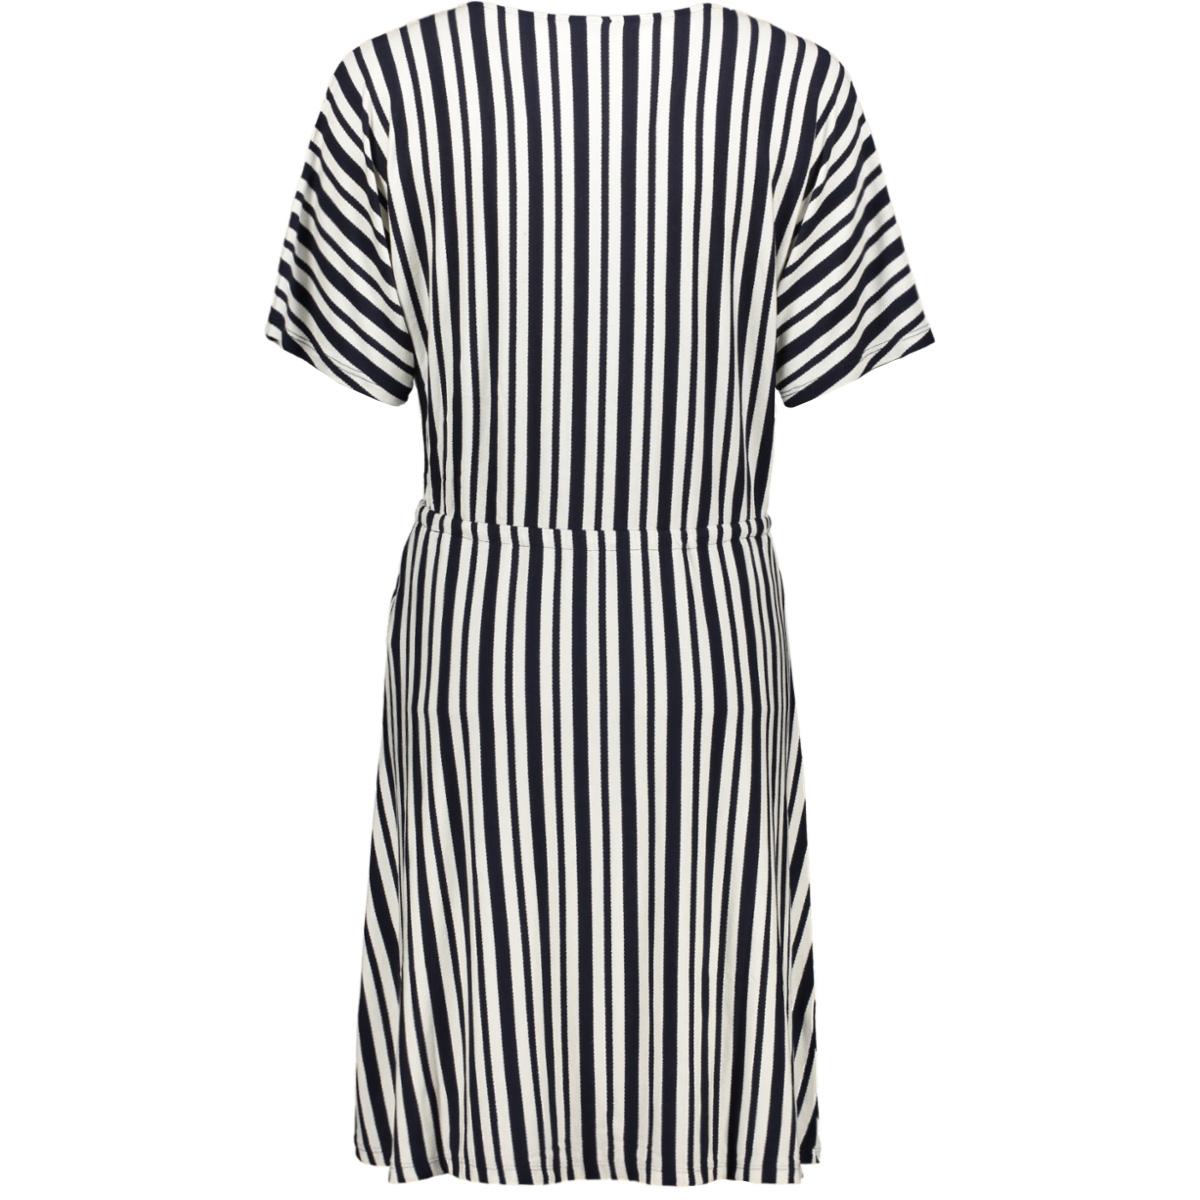 jdymelanie s/s dress jrs 15200606 jacqueline de yong jurk sky captain/cloud dancer